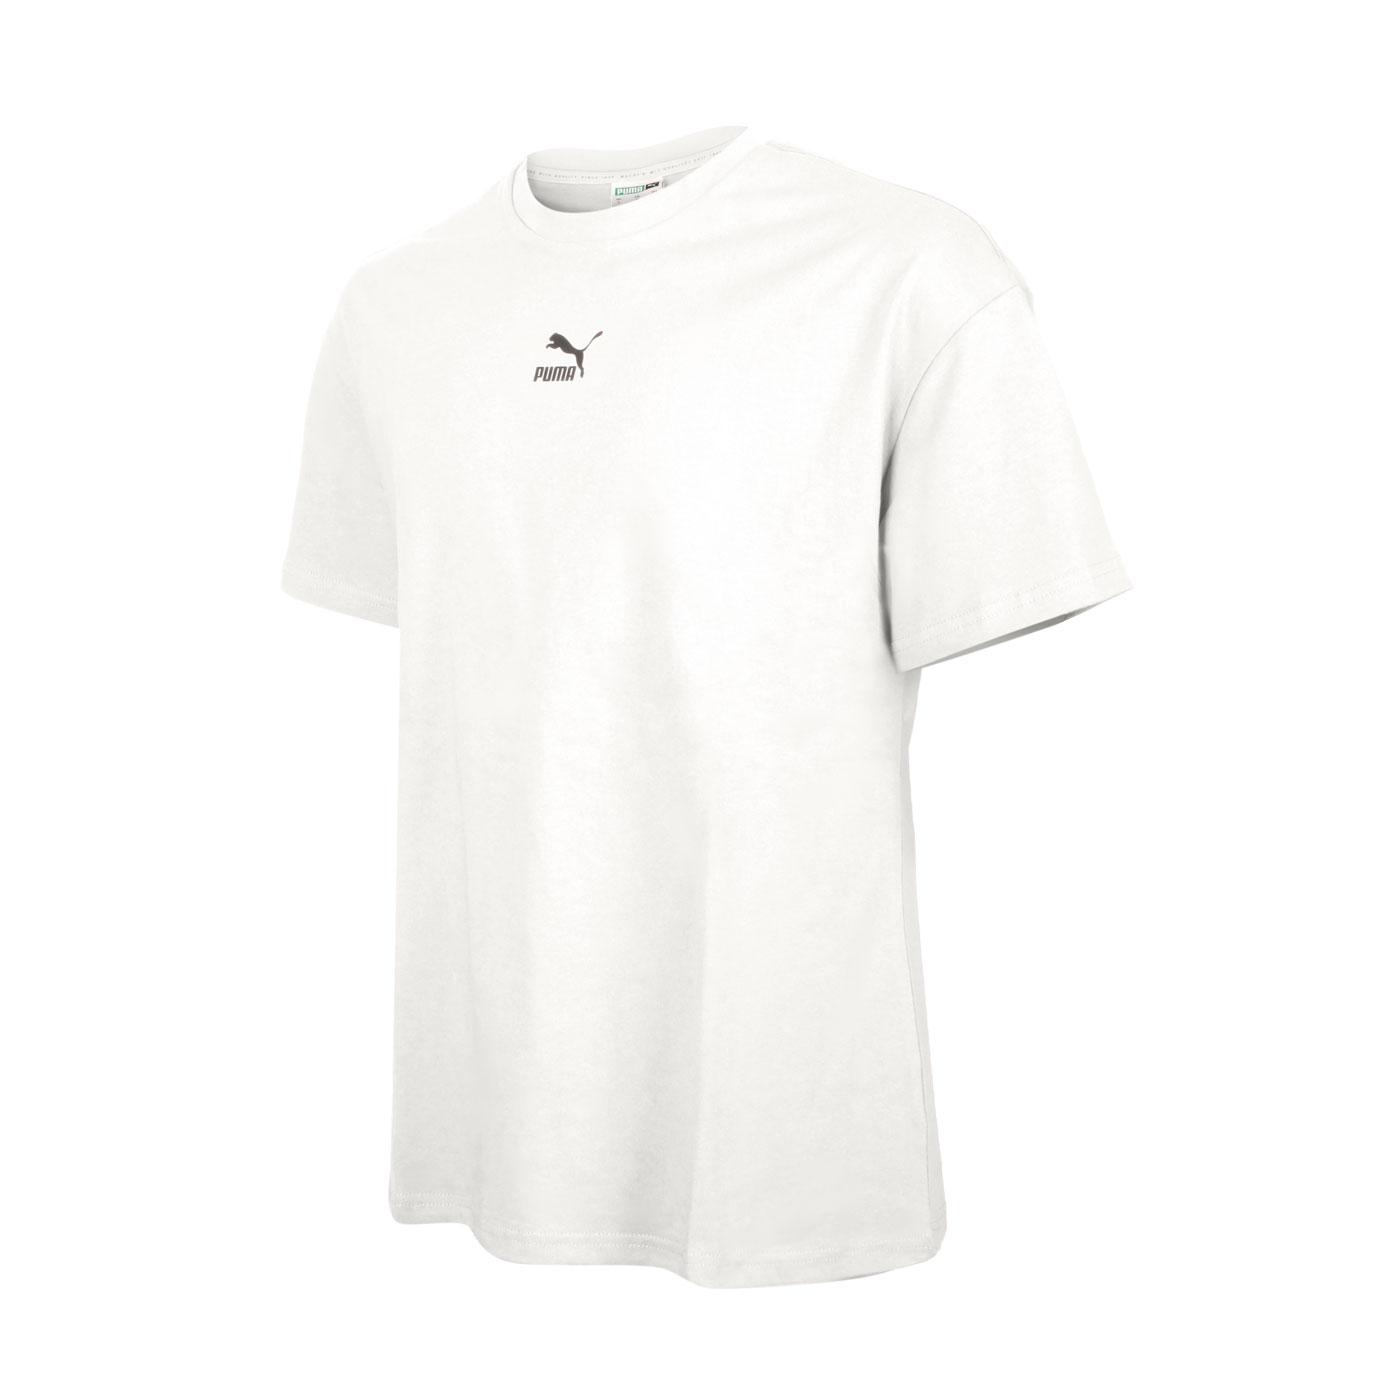 PUMA 男款流行系列Classics寬鬆短袖T恤 53213573